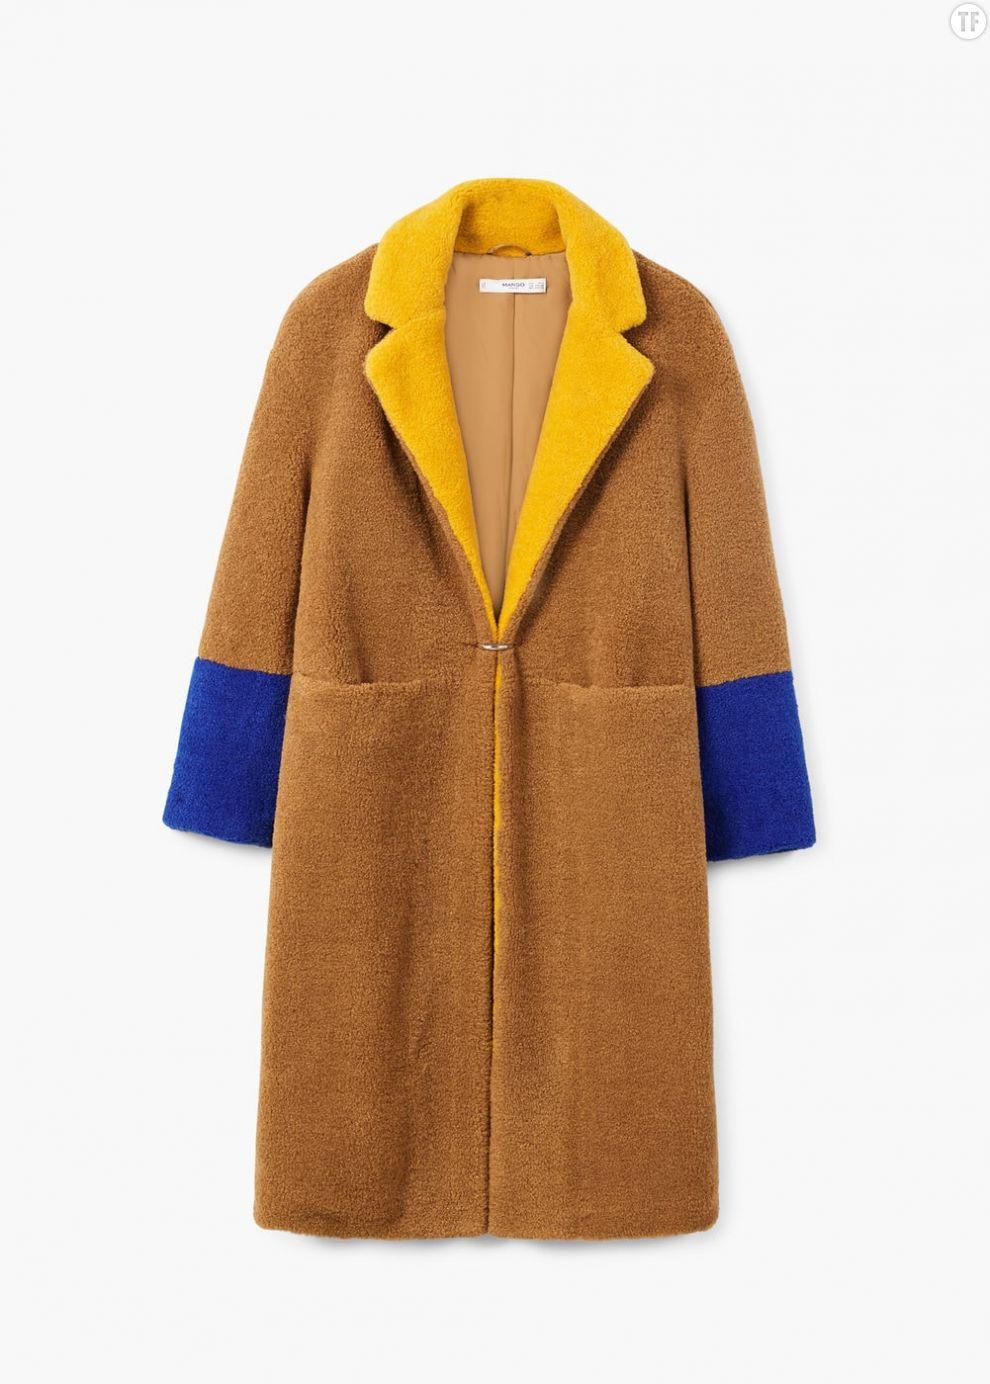 Manteau en peau lainée tricolore Mango, 79,99€